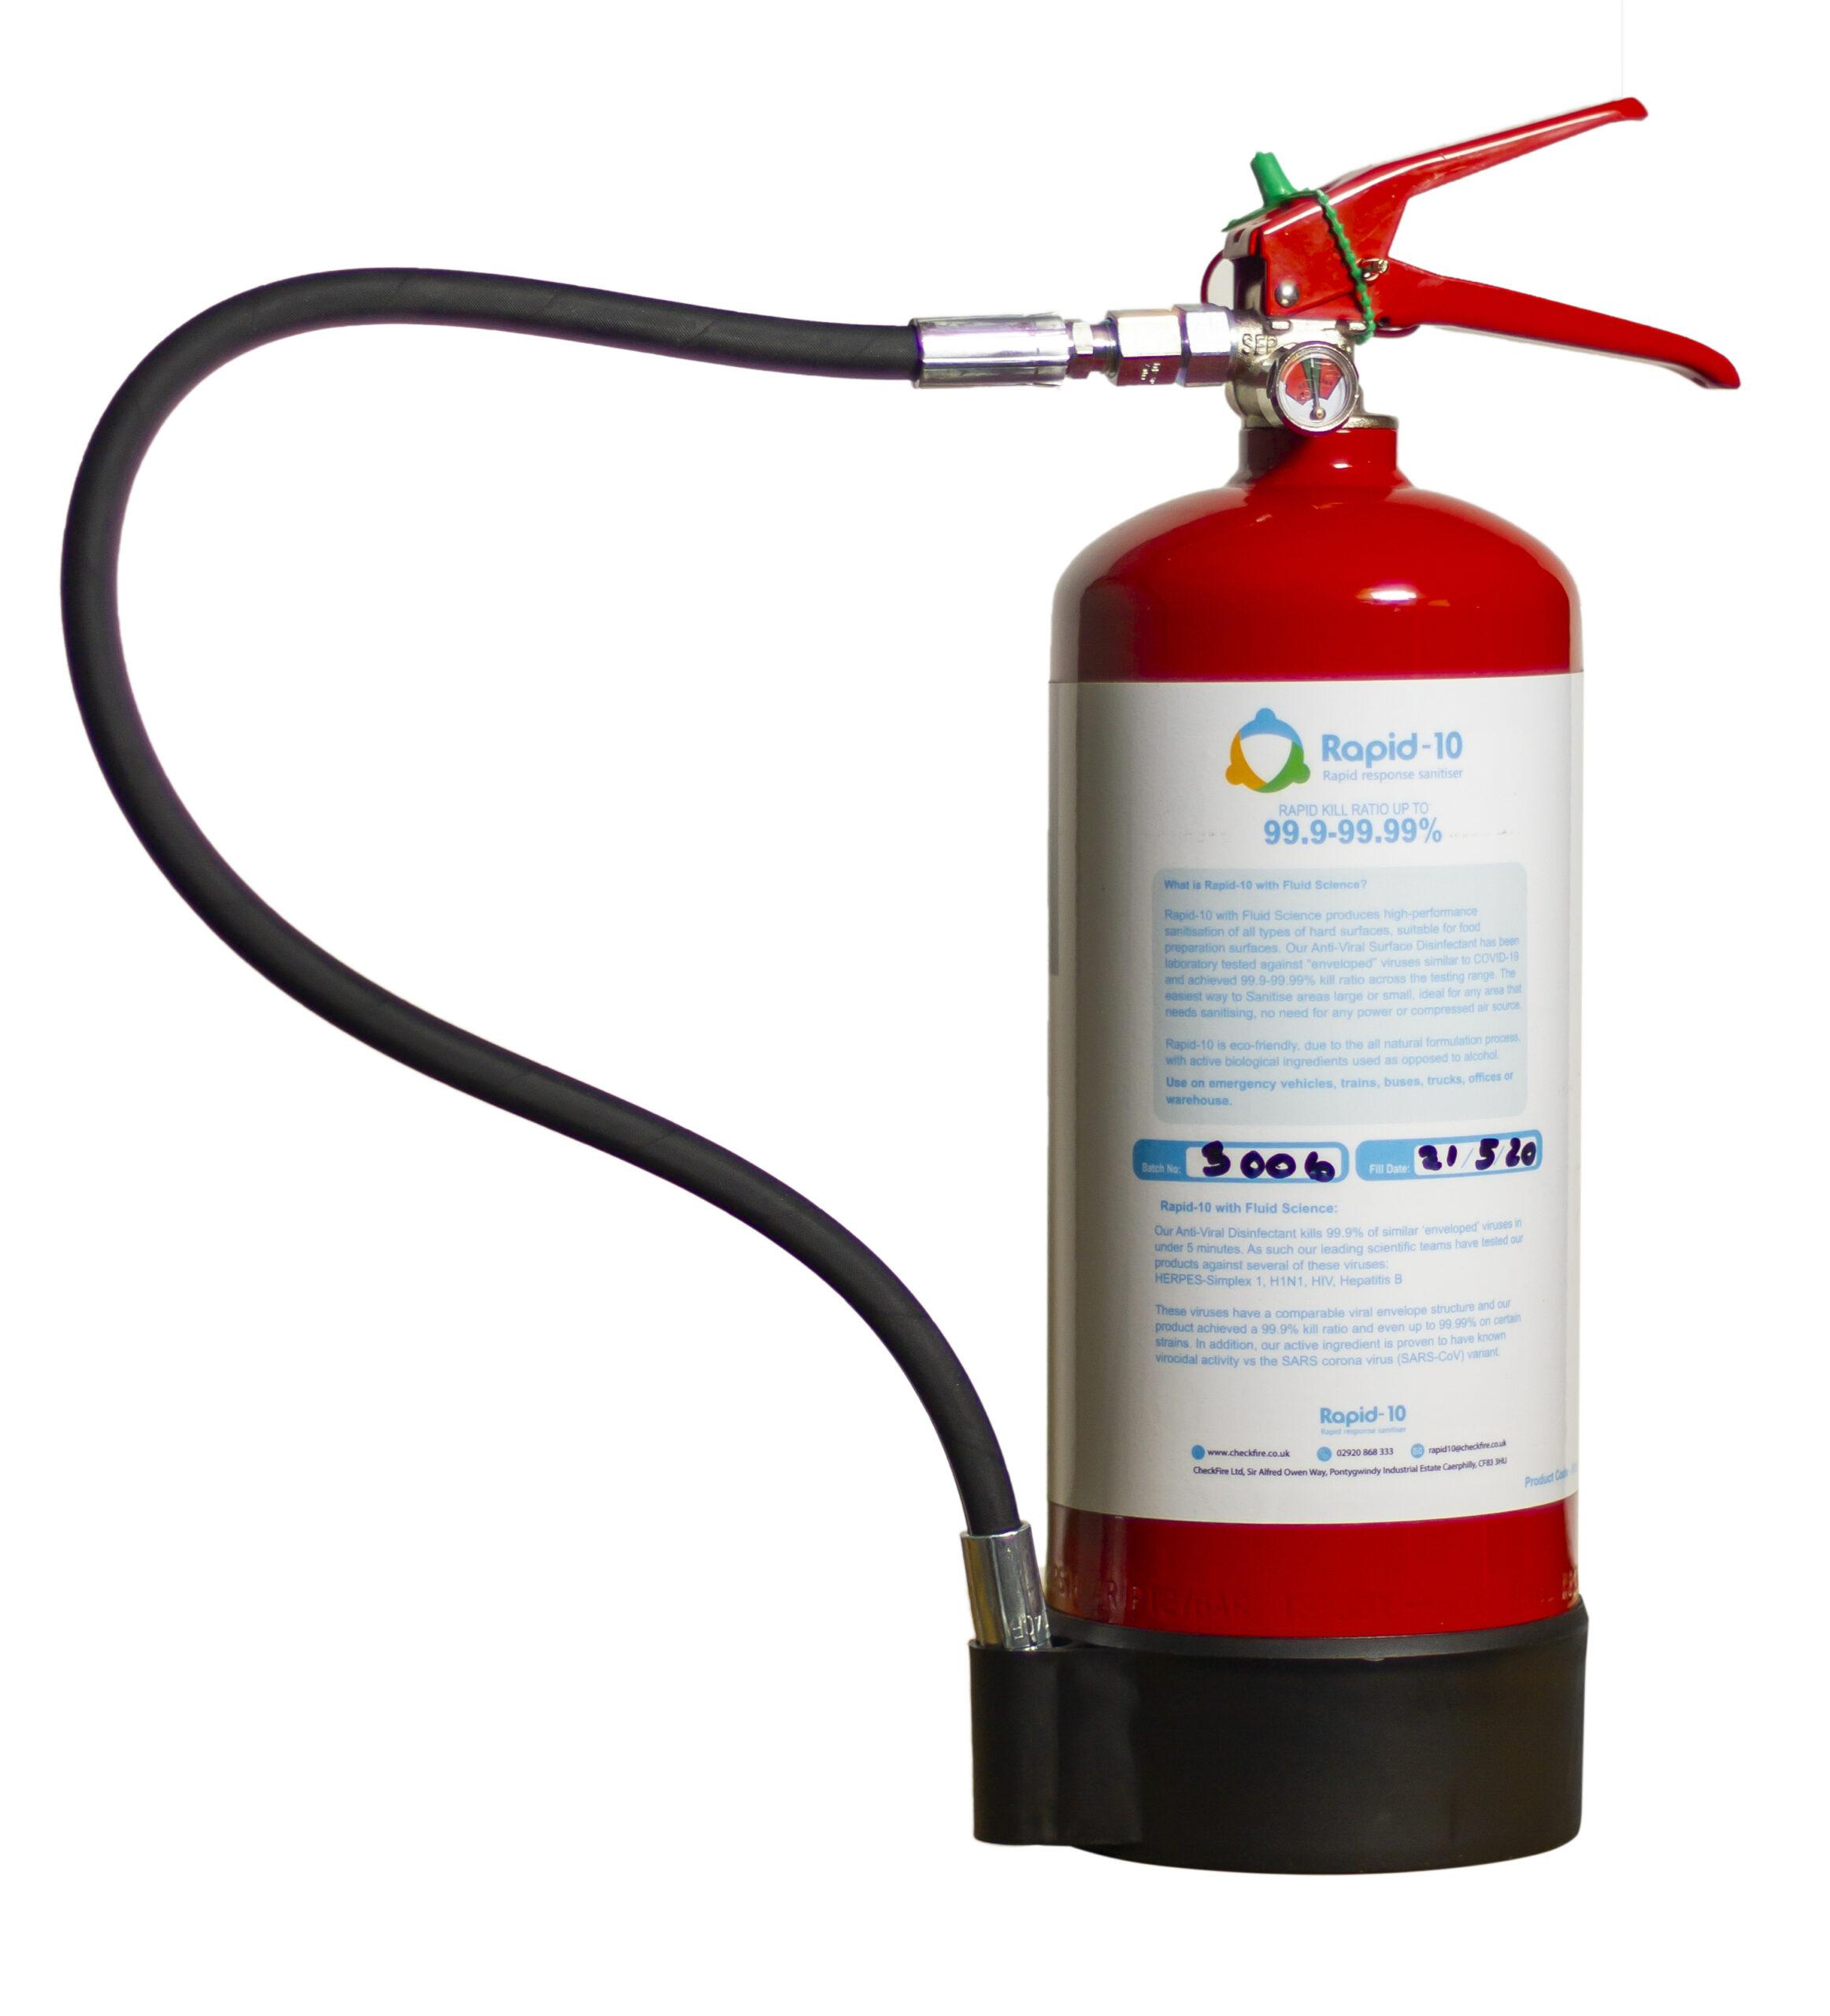 Rapid-10 Rapid response sanitiser